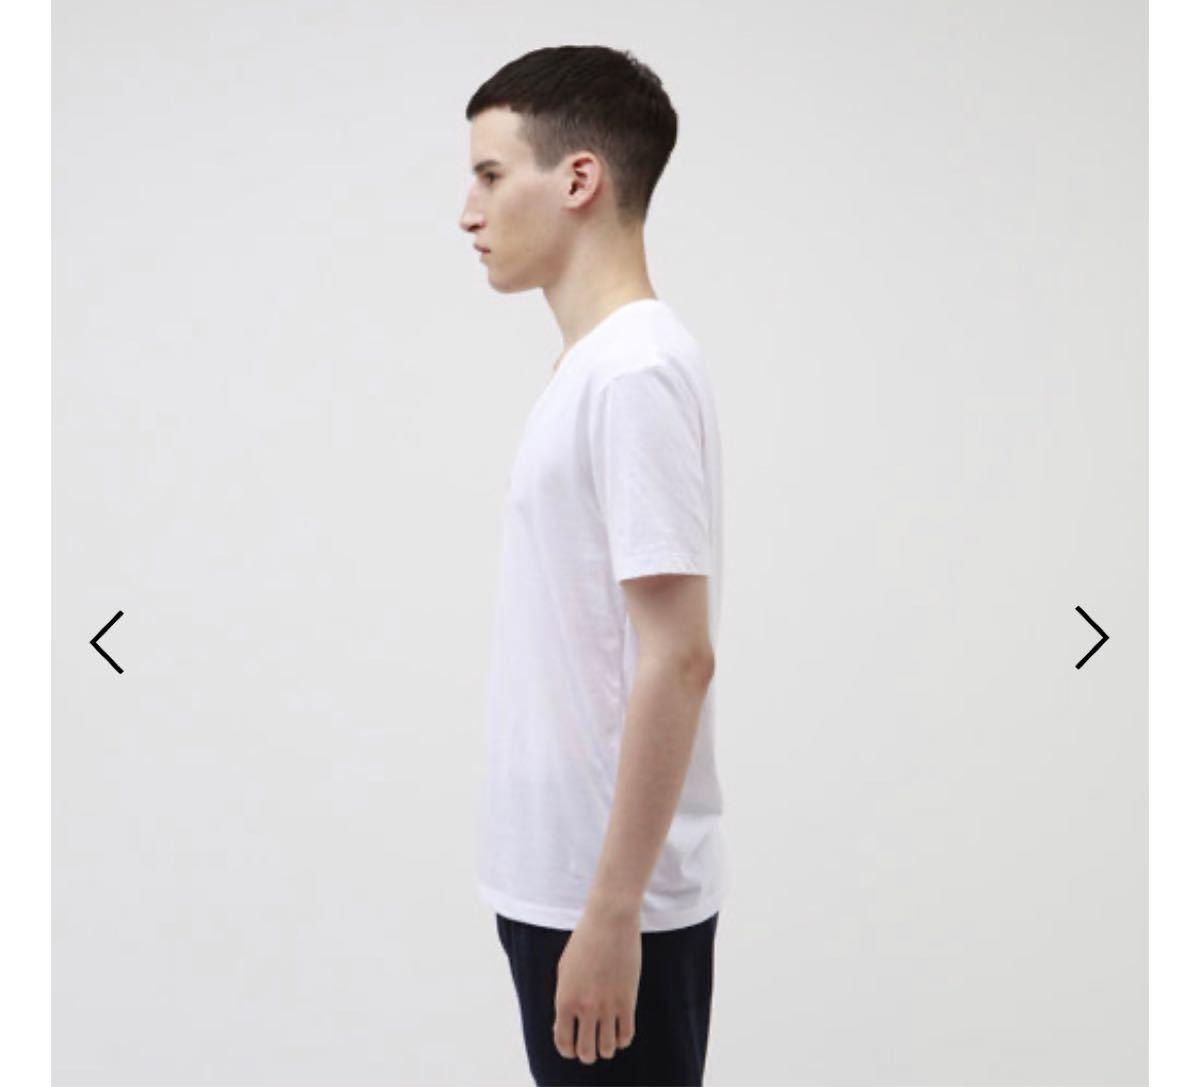 半袖Tシャツ ラブレス Vネック 白 ホワイト M.L 新品未使用